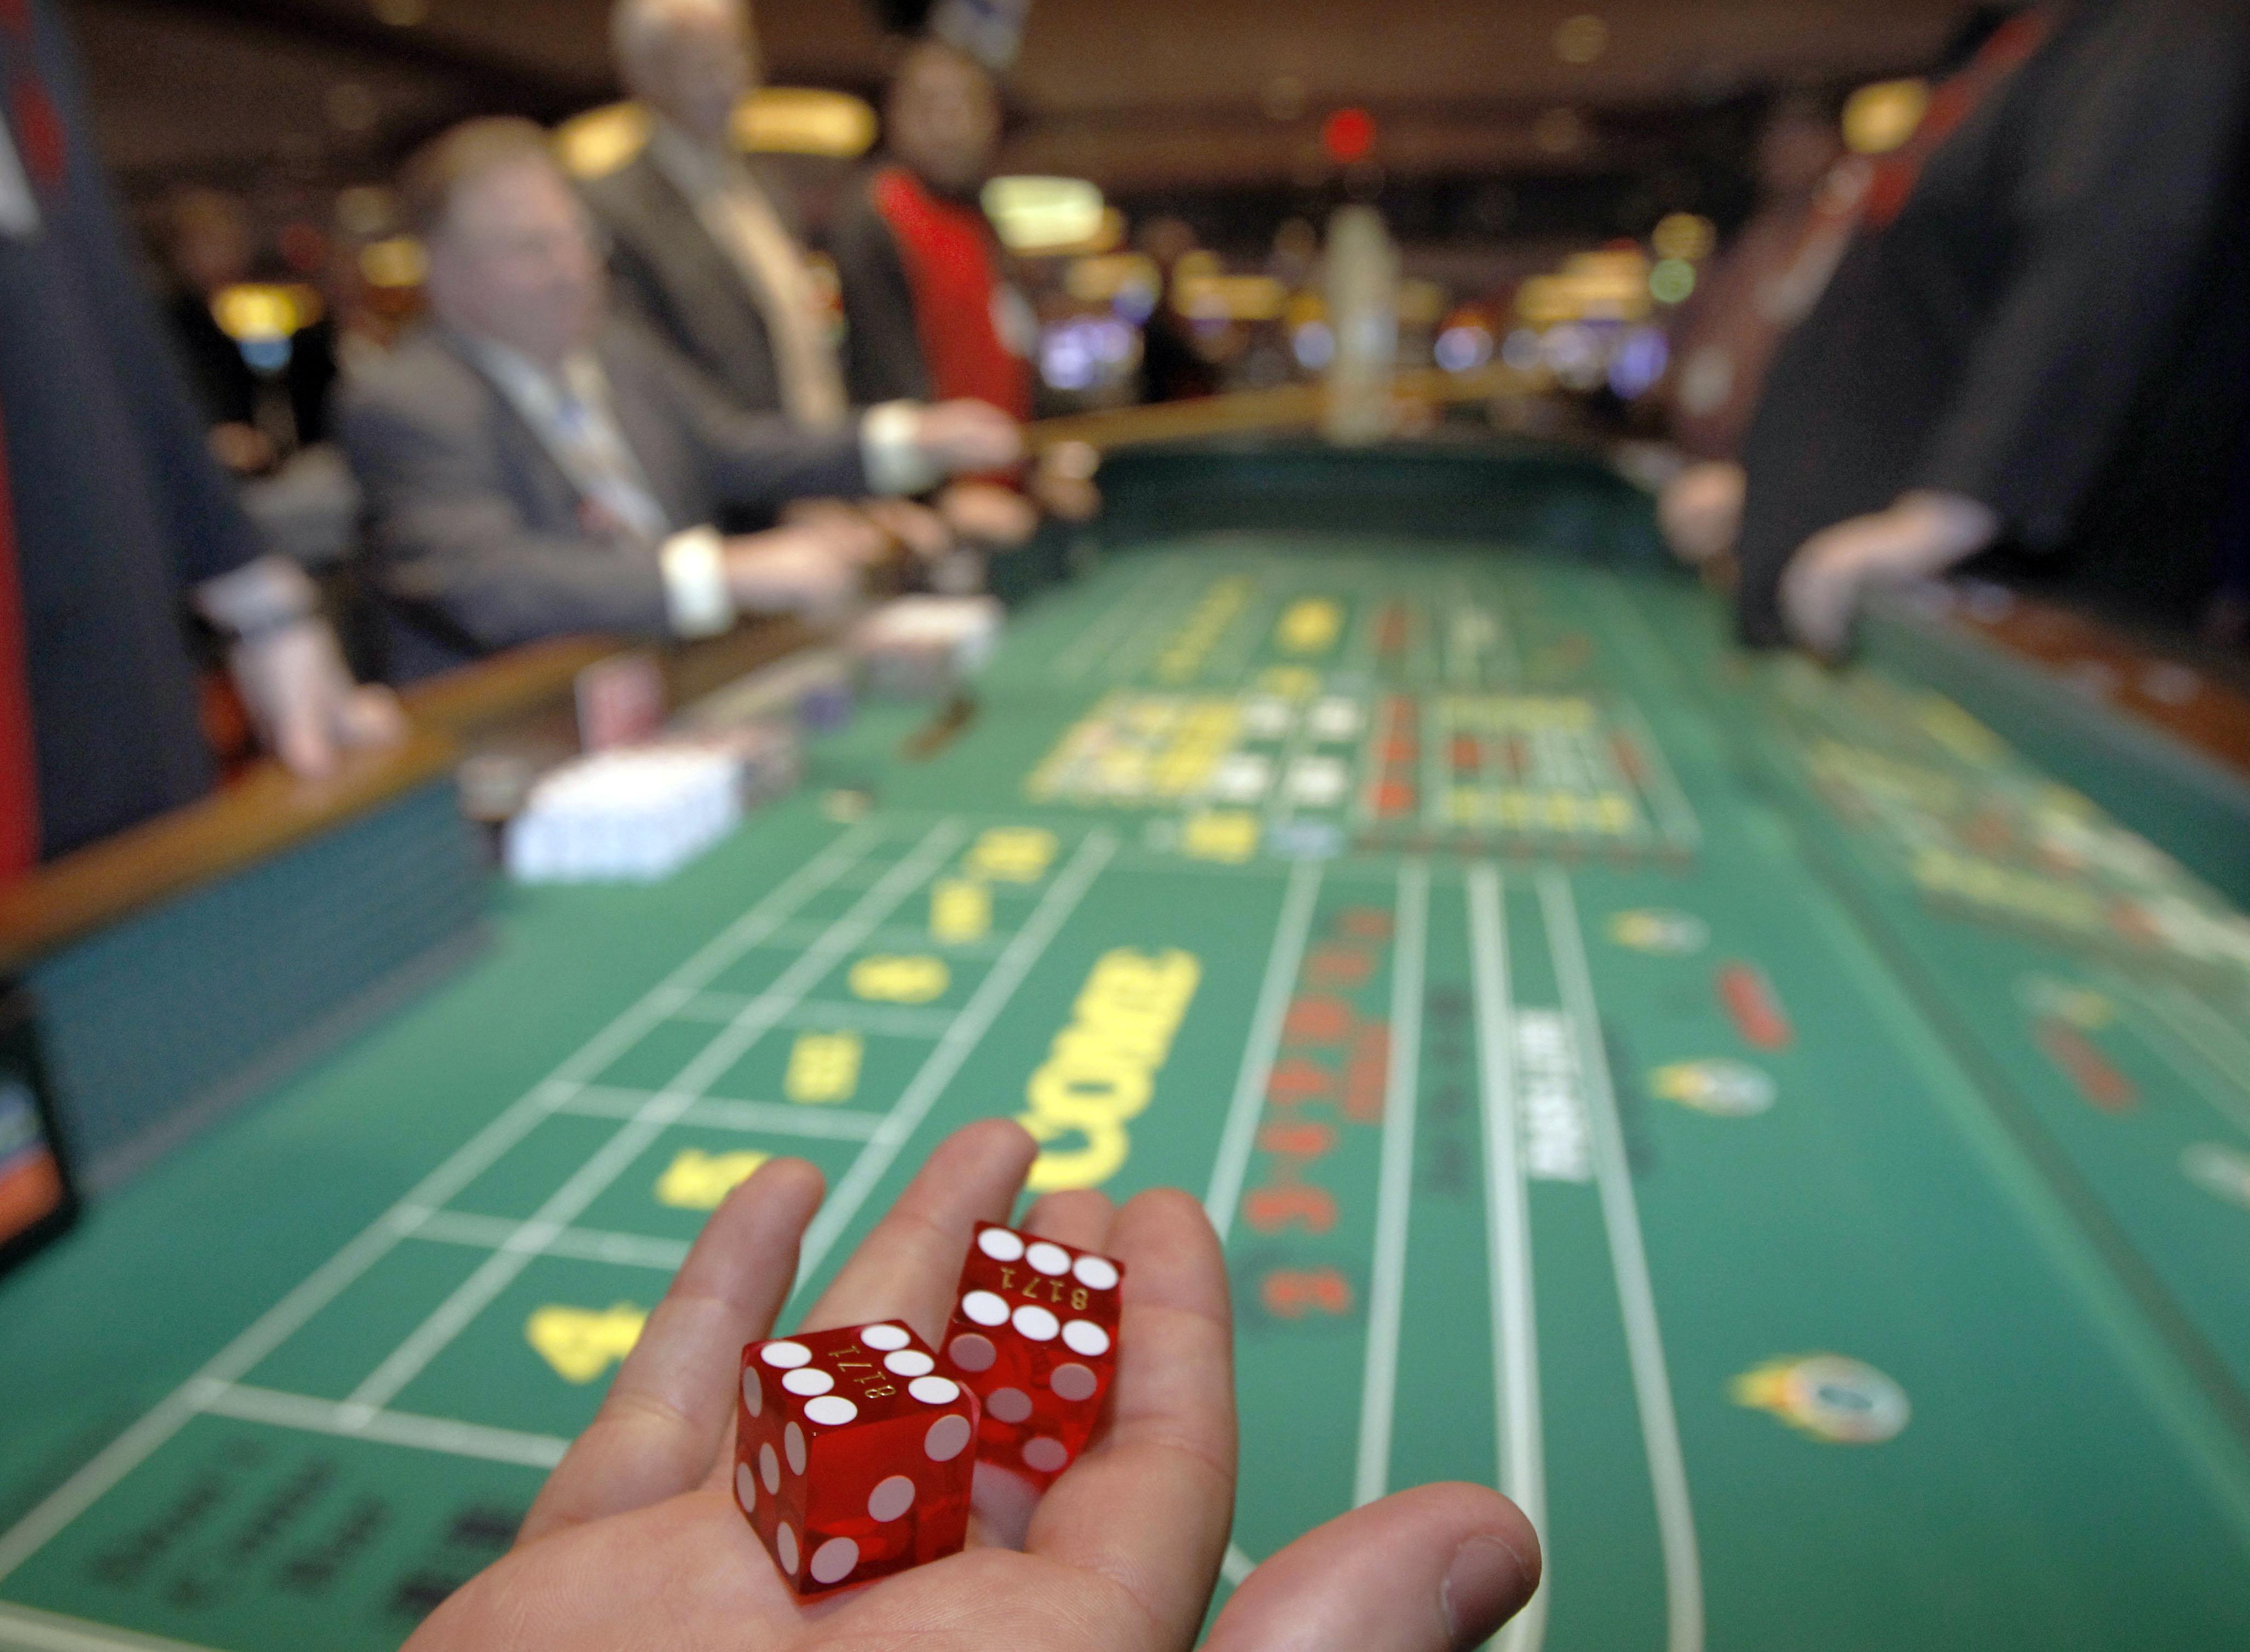 cooclcat casino